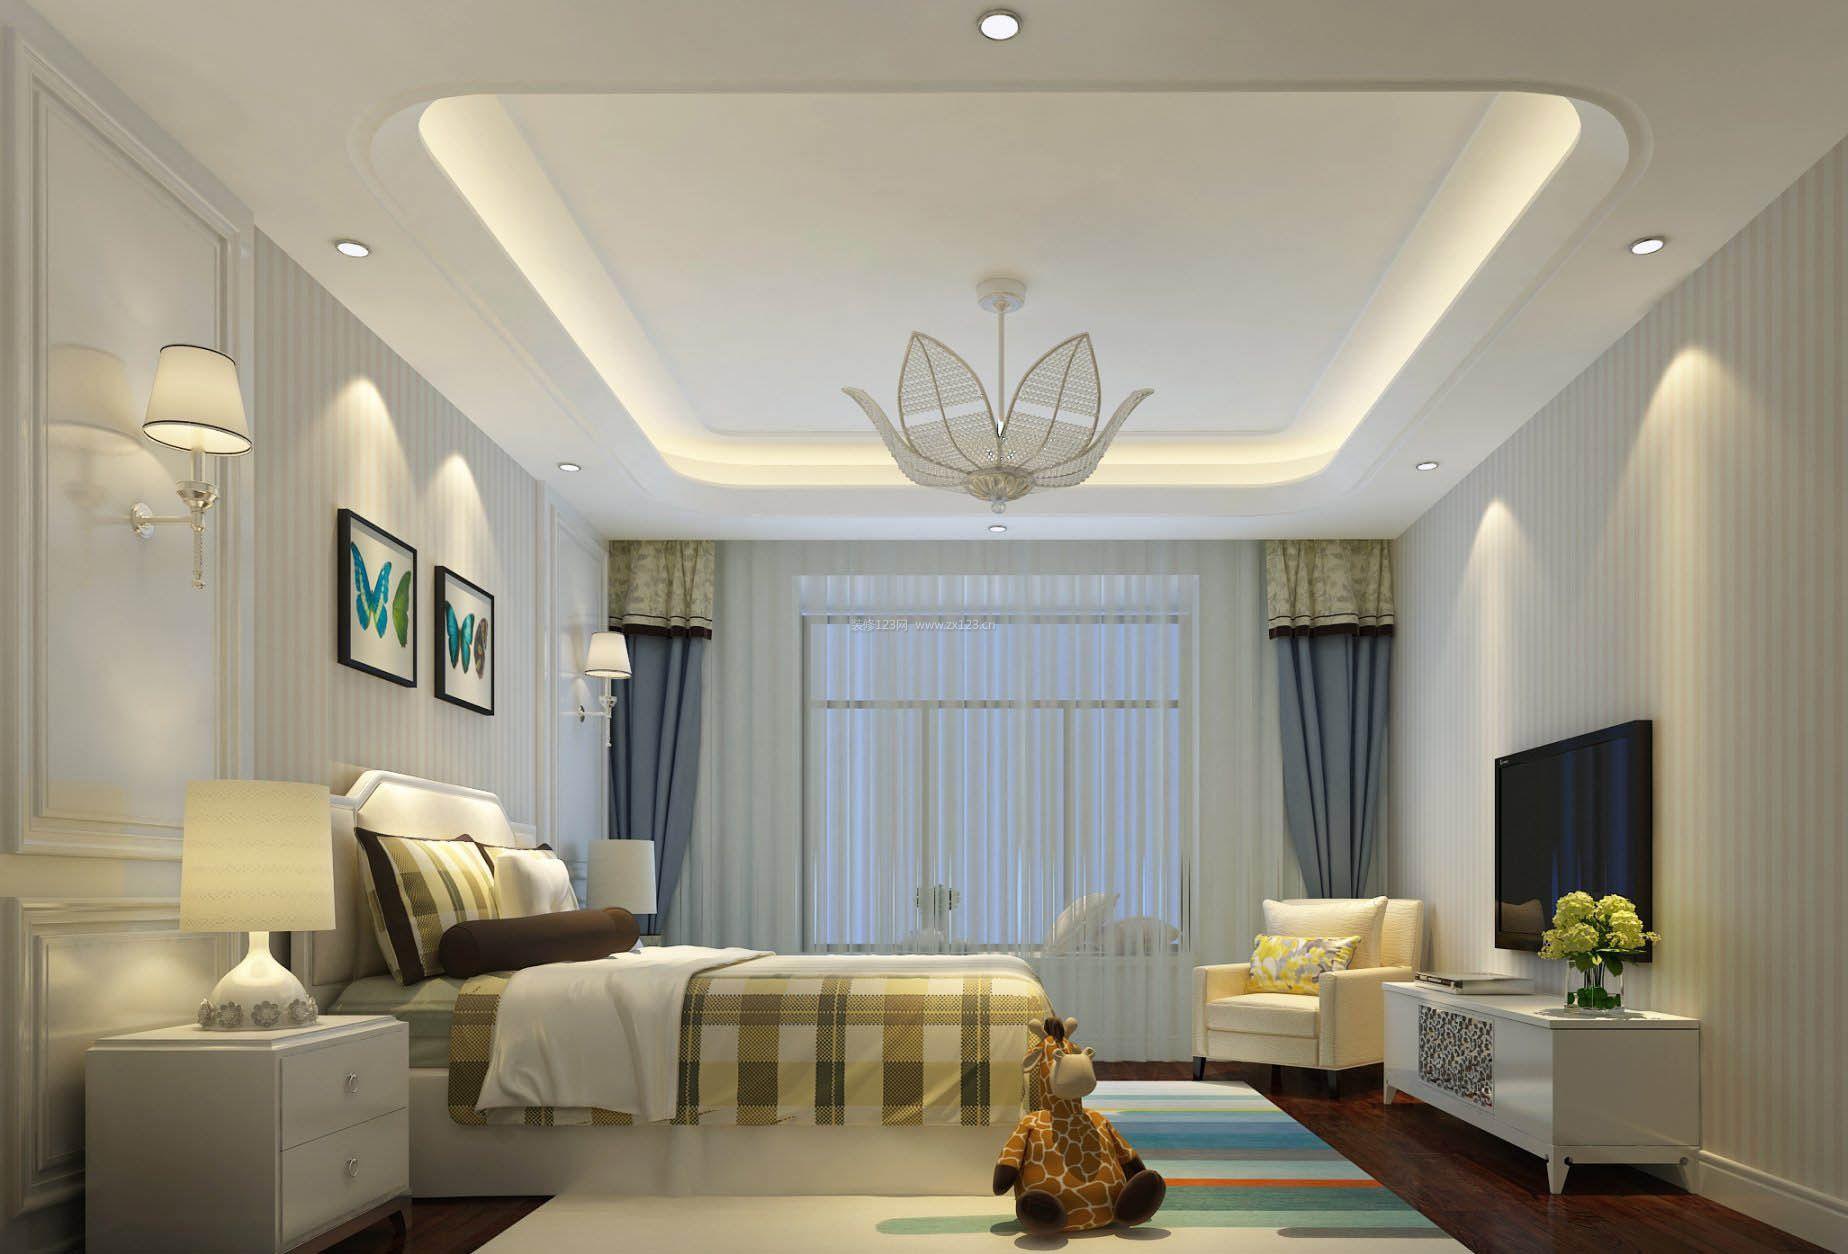 简约欧式卧室床头壁灯设计图片2017